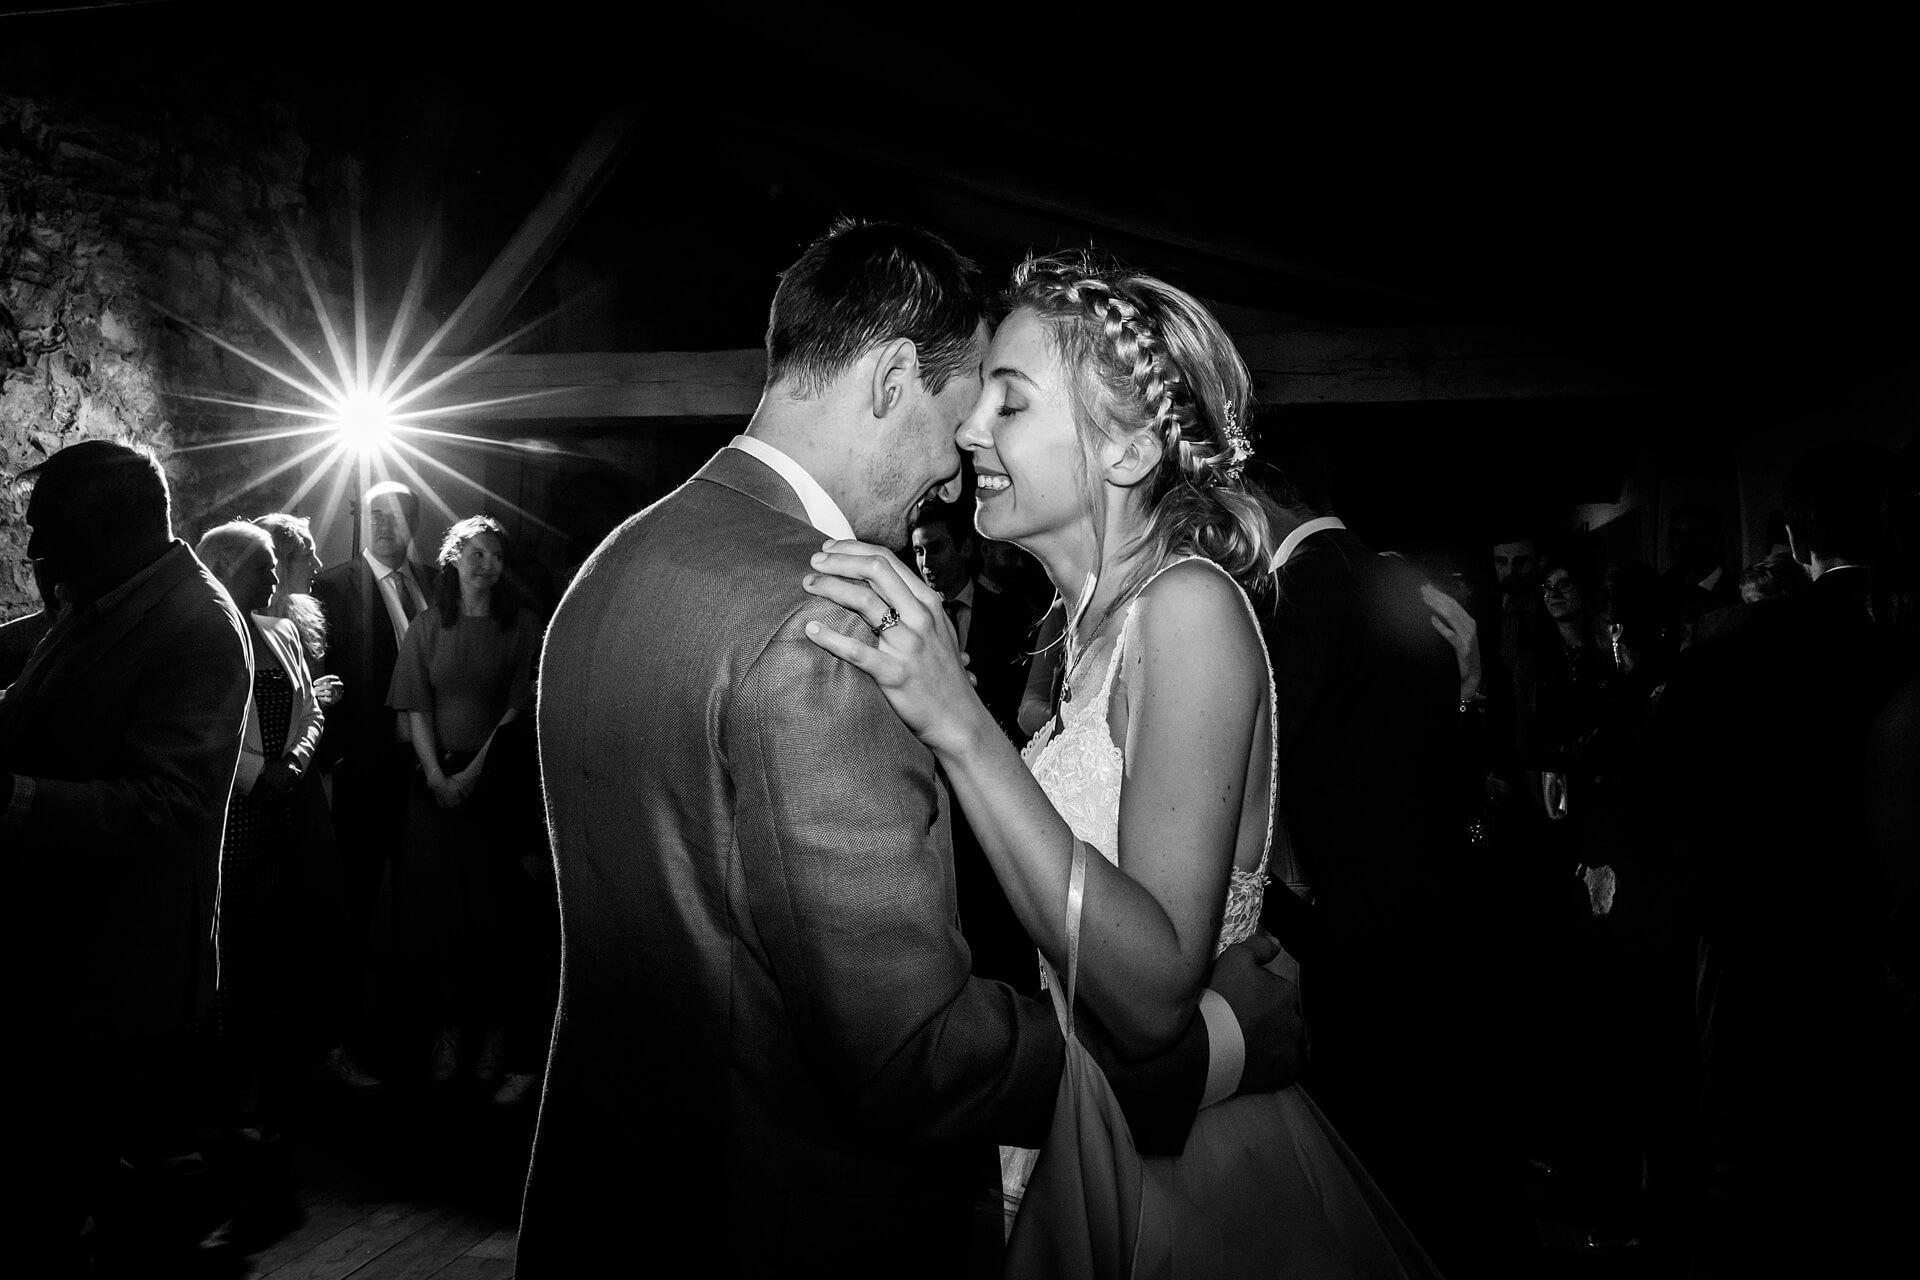 bride and groom dancing together at Middleton Lodge